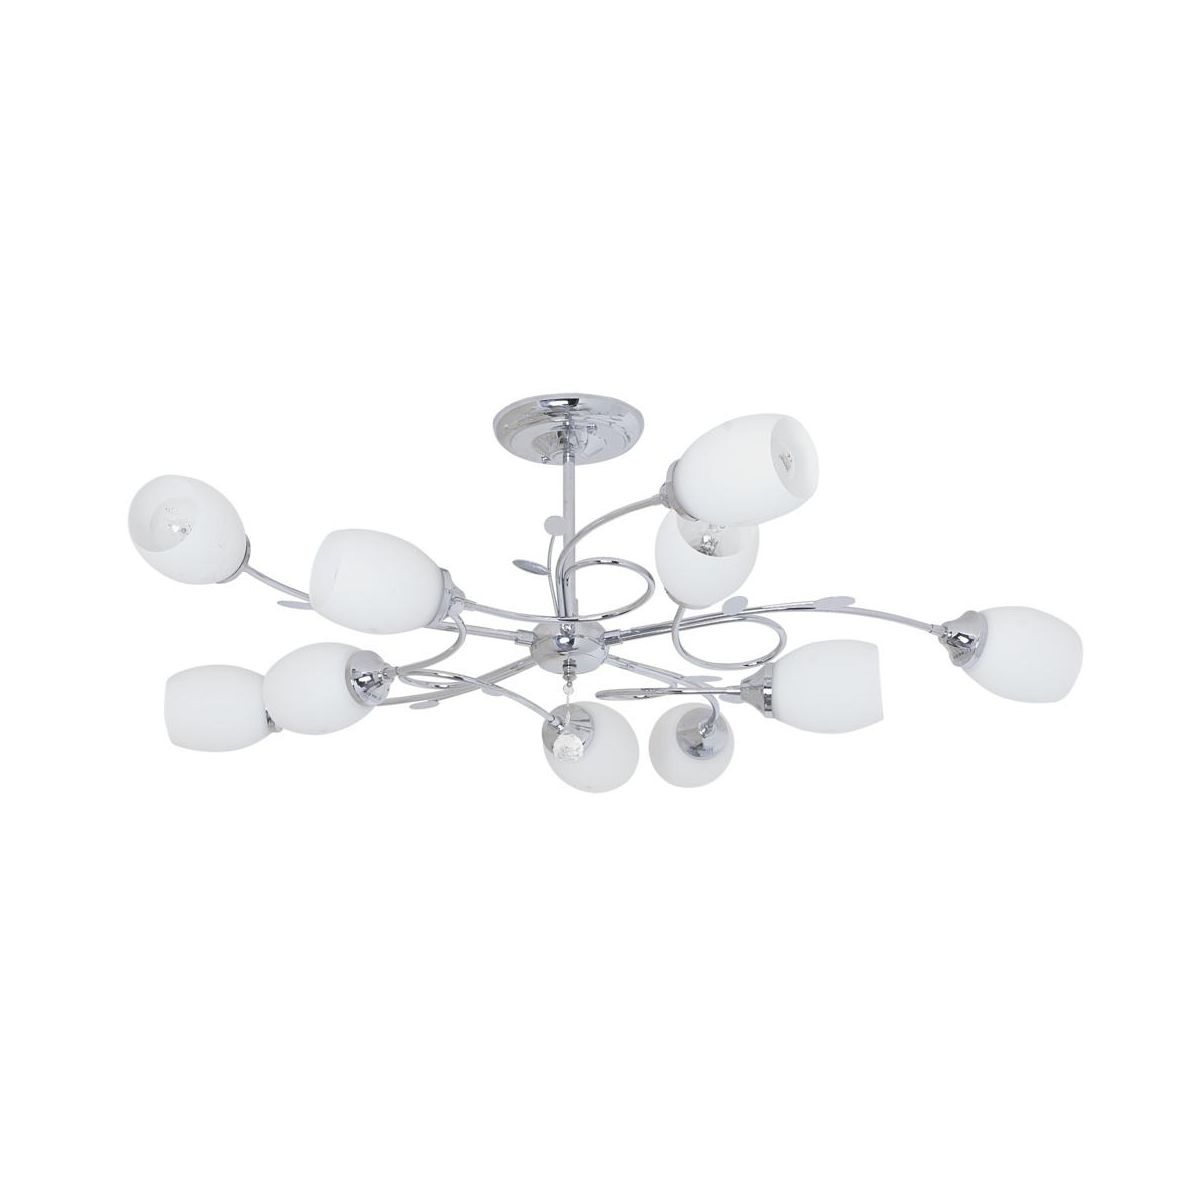 Zyrandol Akacia Chrom E27 Inspire Zyrandole Lampy Wiszace I Sufitowe W Atrakcyjnej Cenie W Sklepach Leroy Merlin